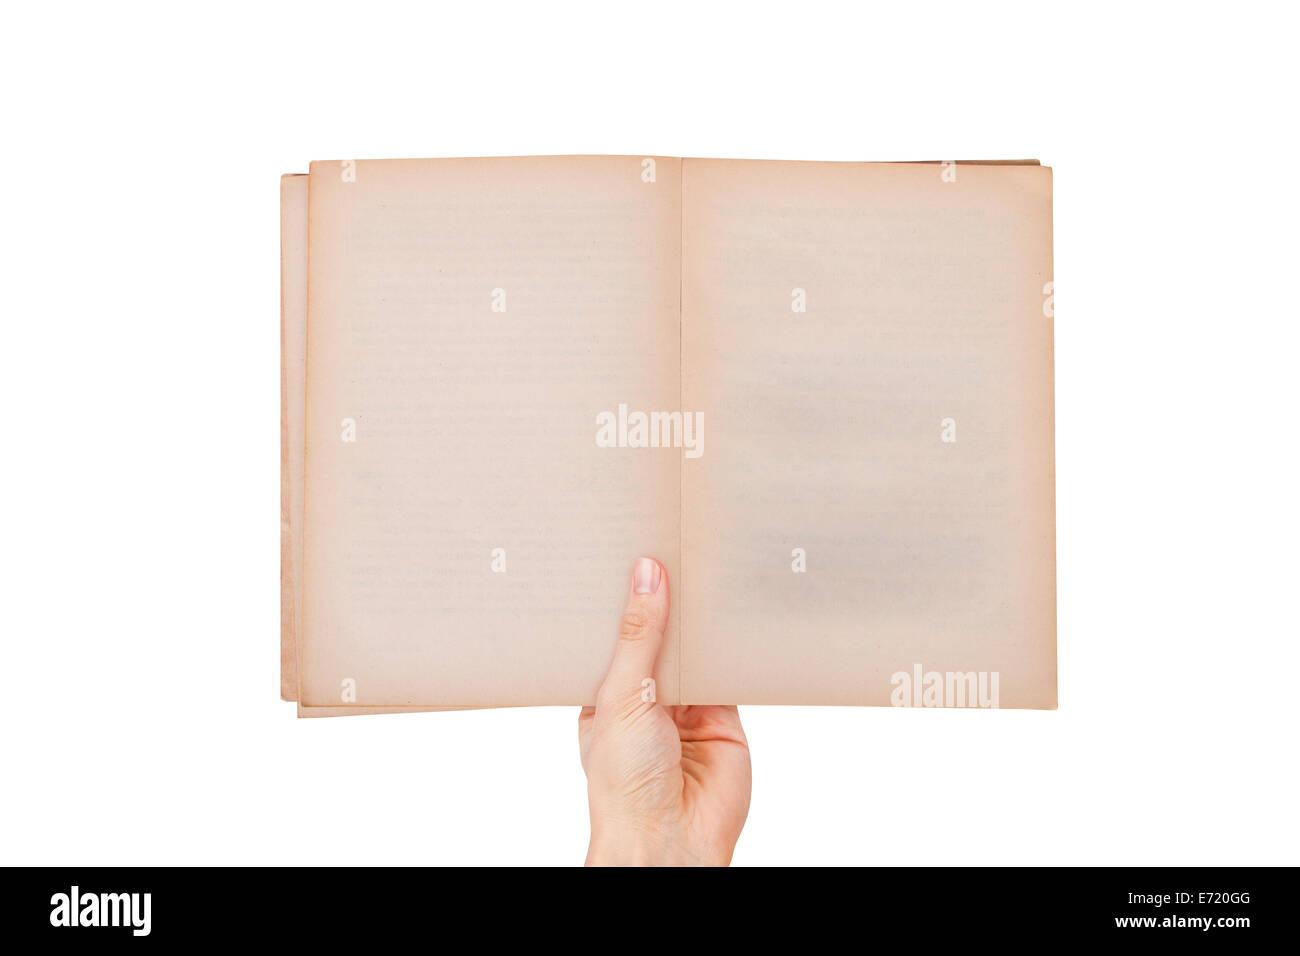 Homme hand holding blank ouvert vide et ancien style de livre avec copie espace pour votre message, vue du dessus, Photo Stock